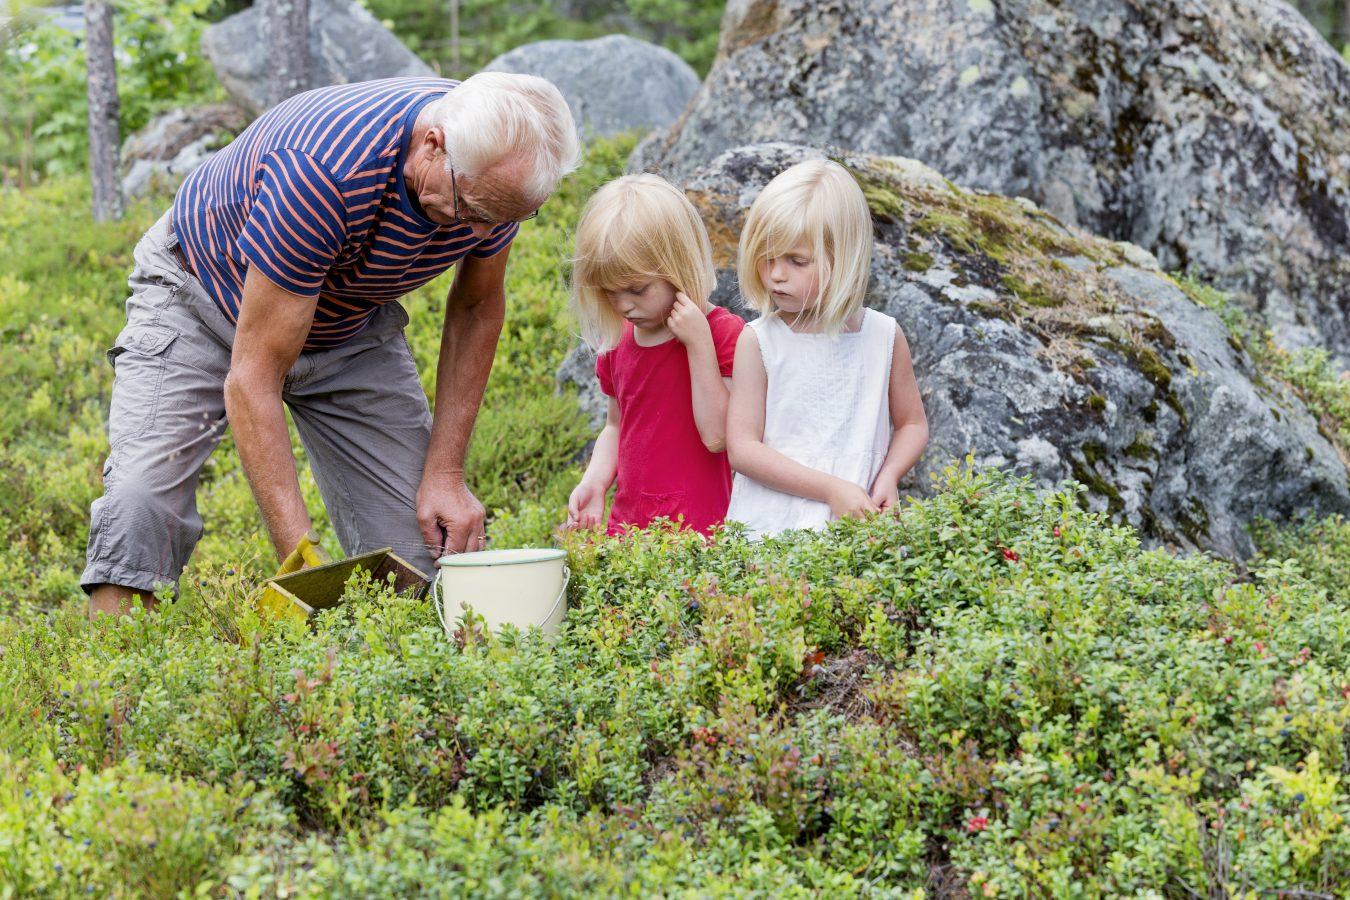 Eldre mann plukker blåbær sammen med to småjenter. Foto: Jörgen Wiklund/Scandinav